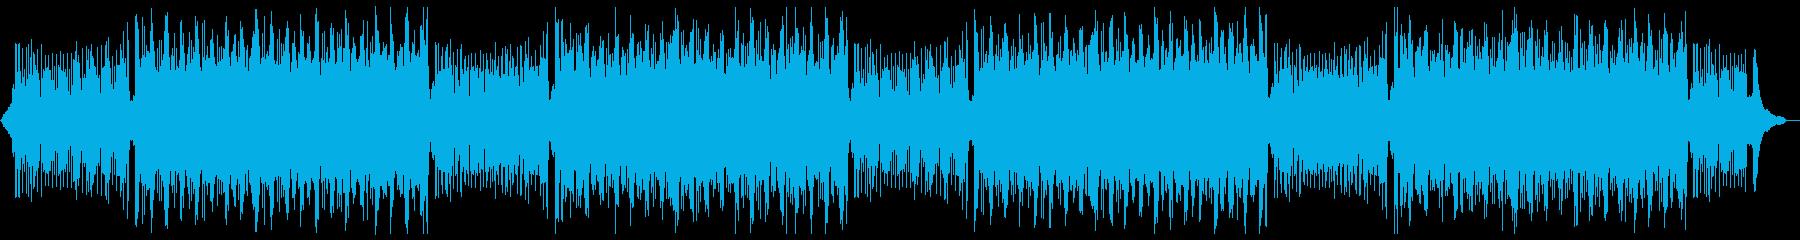 知的なピアノバイオリン:フルx2の再生済みの波形